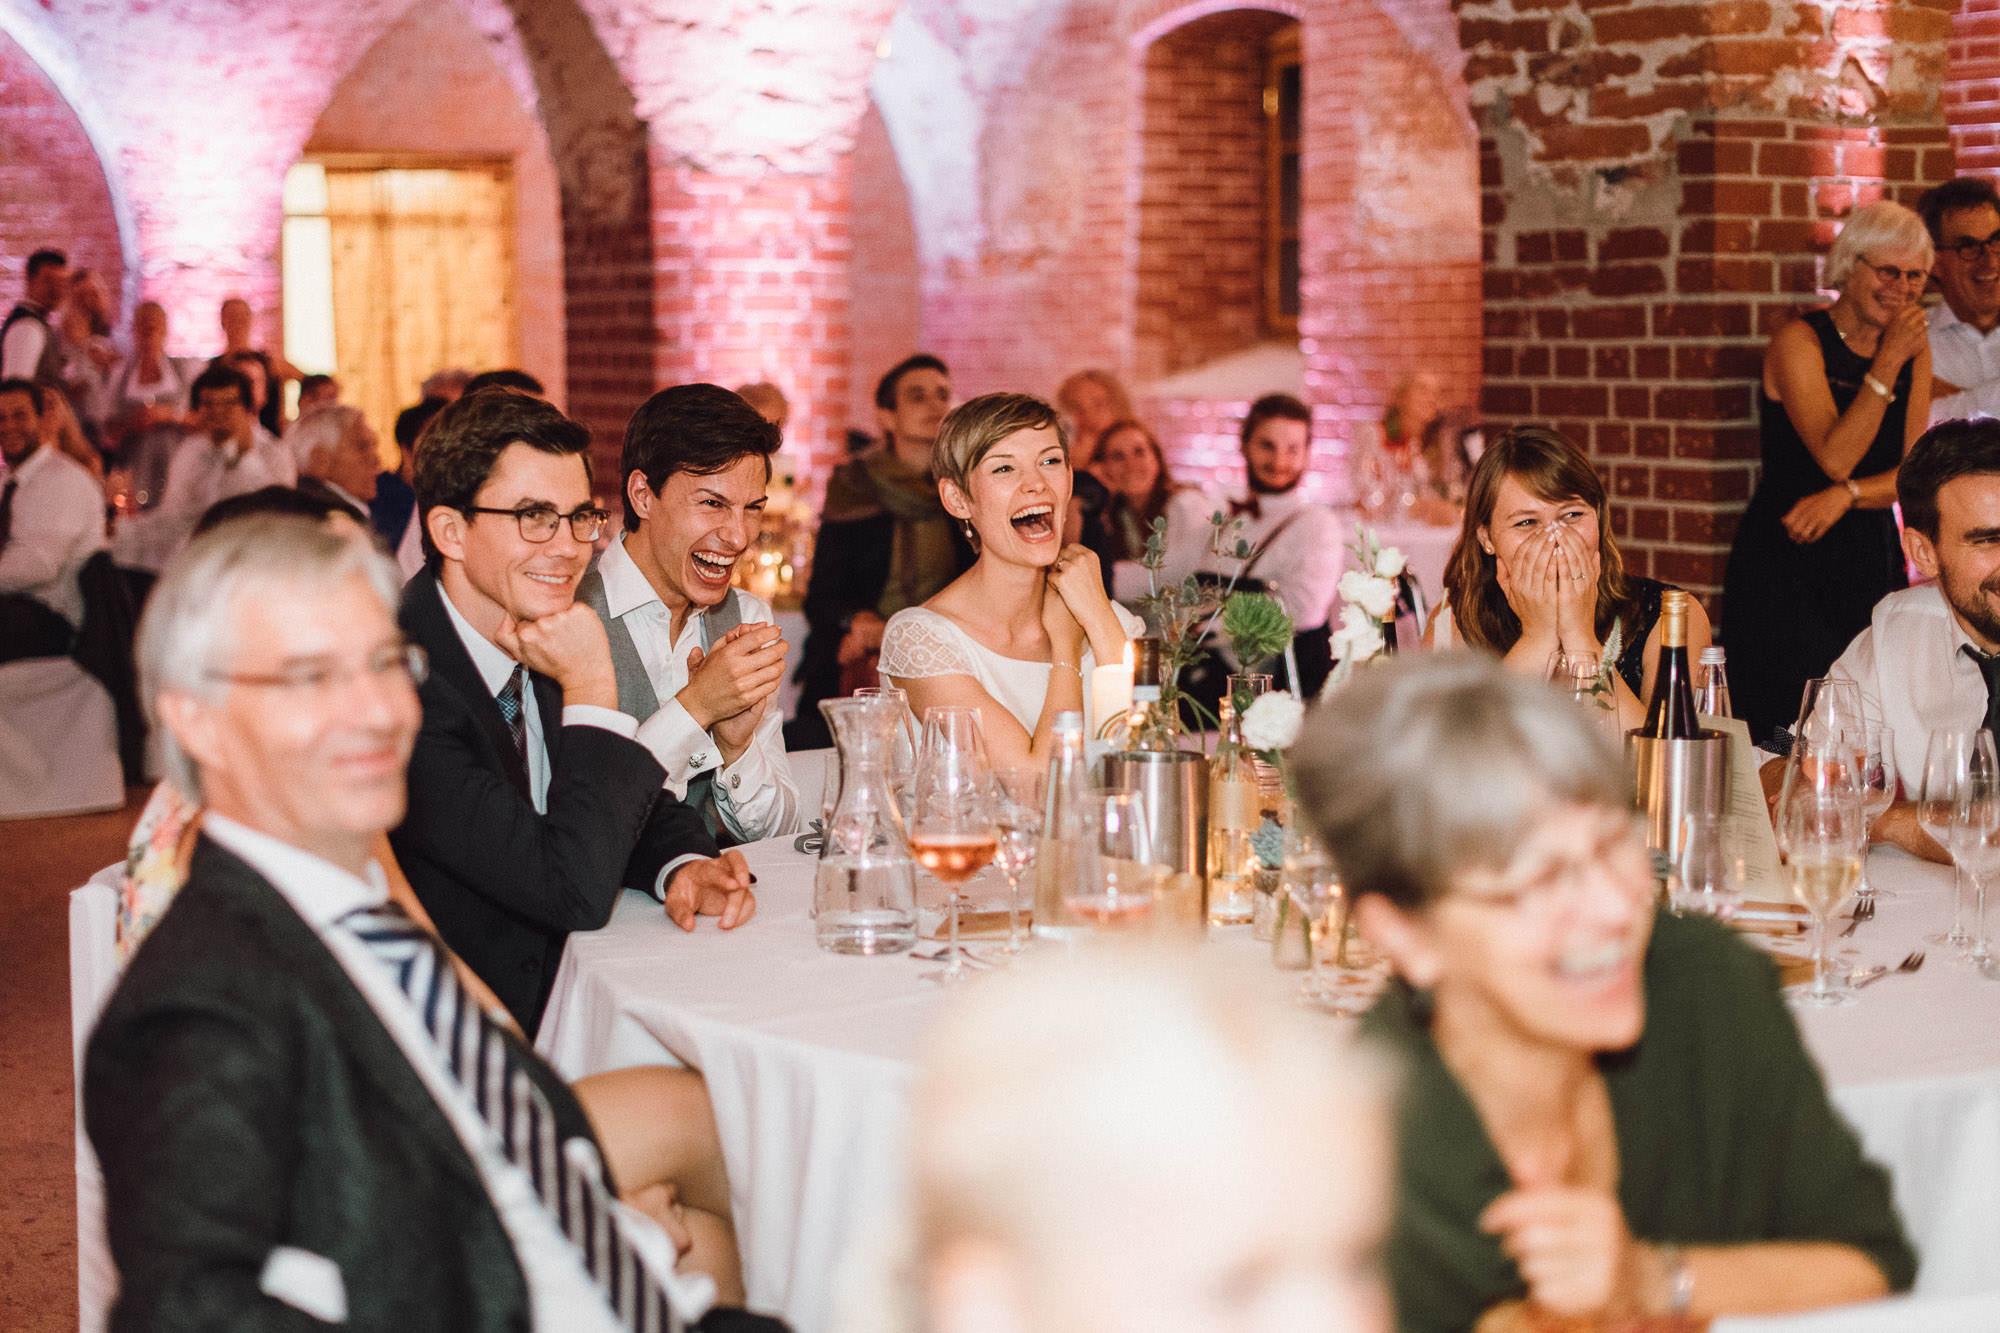 greenery-wedding-hochzeit-prielhof-sukkulenten-scheyern-lauraelenaphotography-112